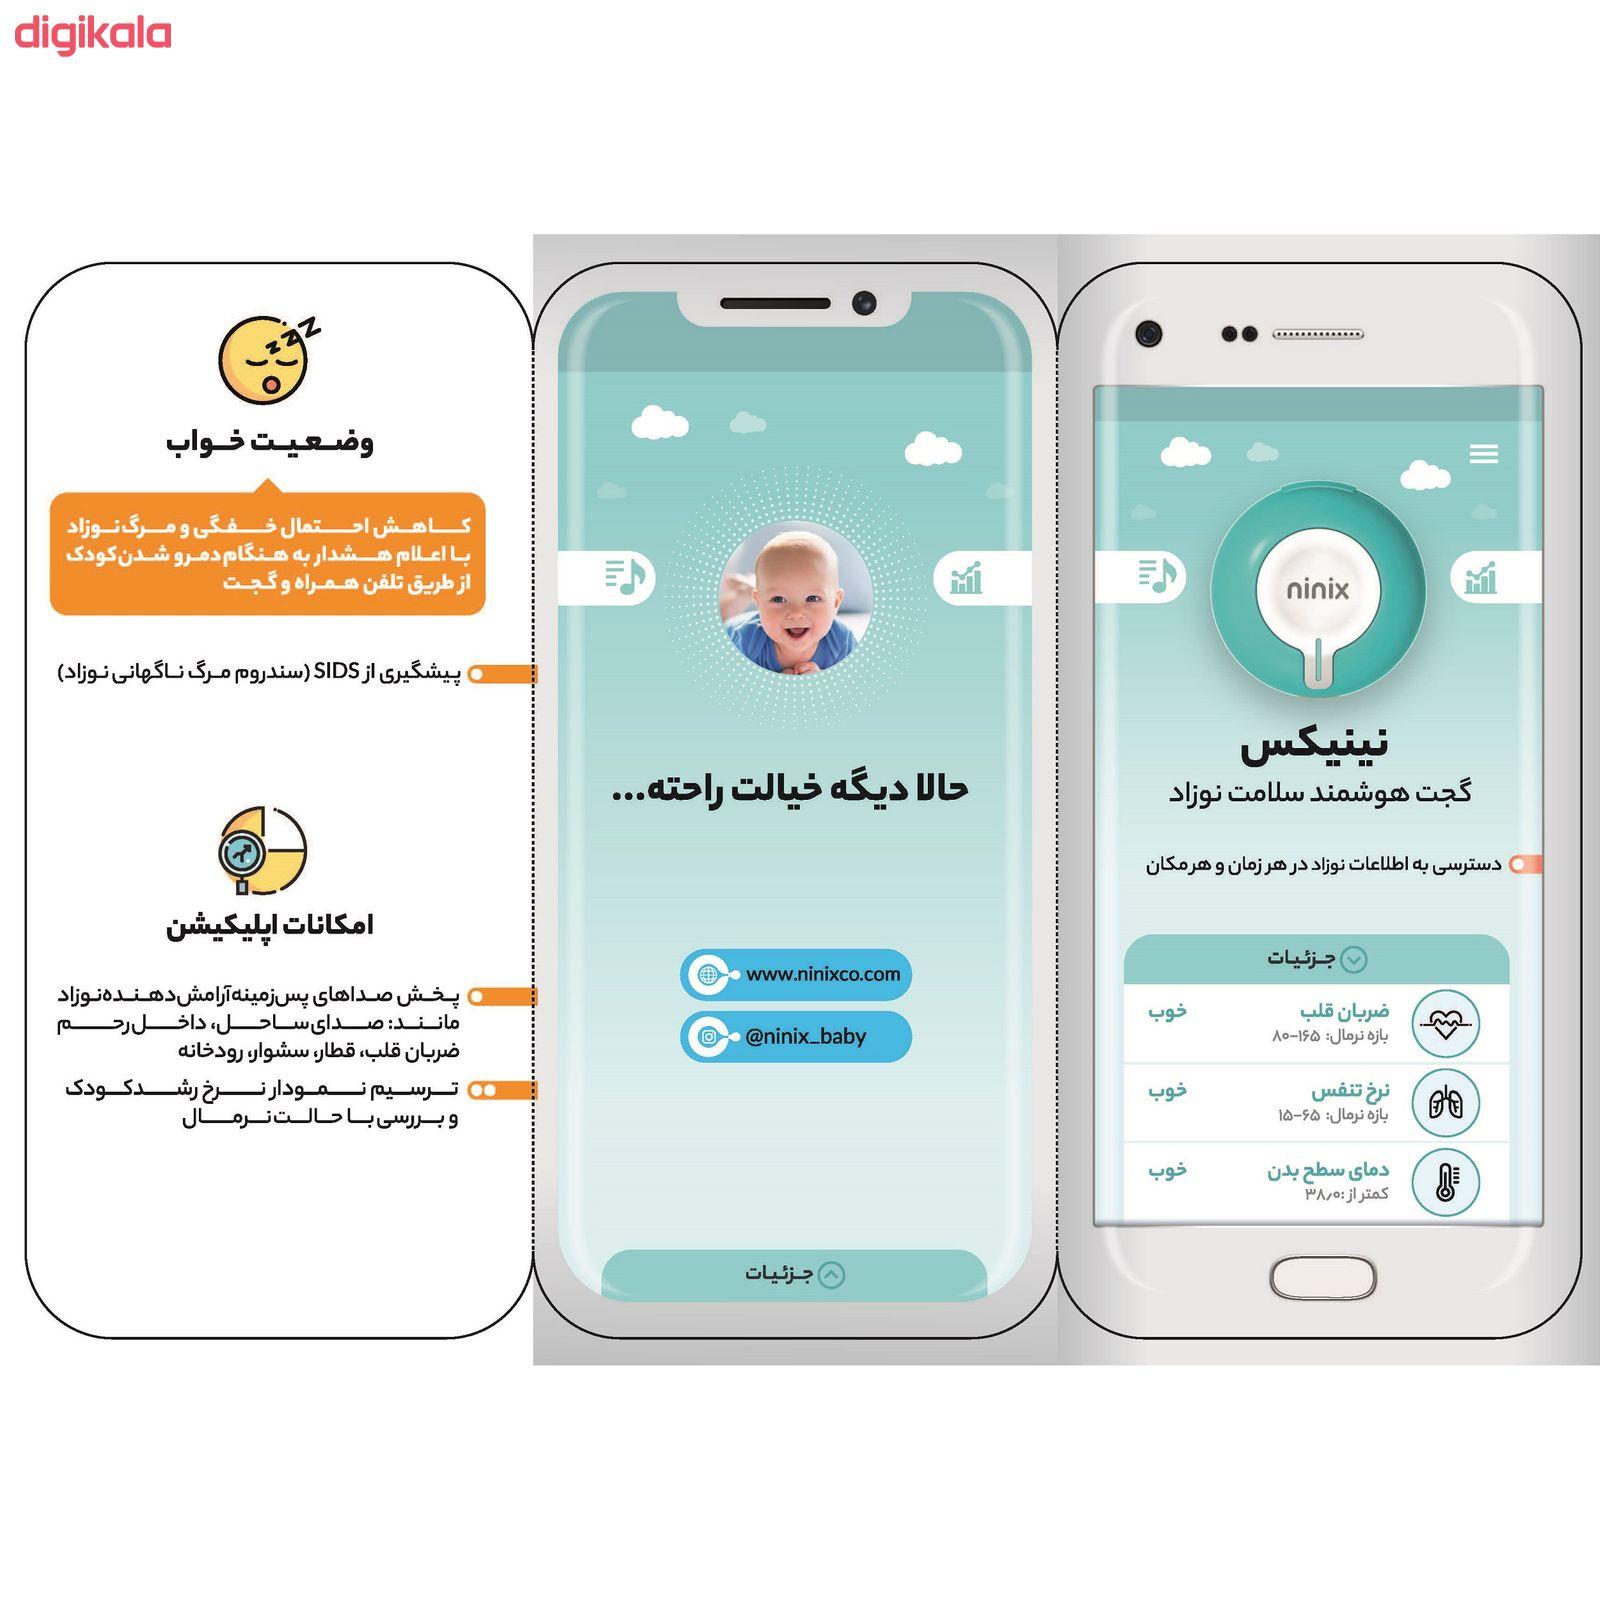 دستگاه هوشمند سلامت کودک نینیکس  main 1 5